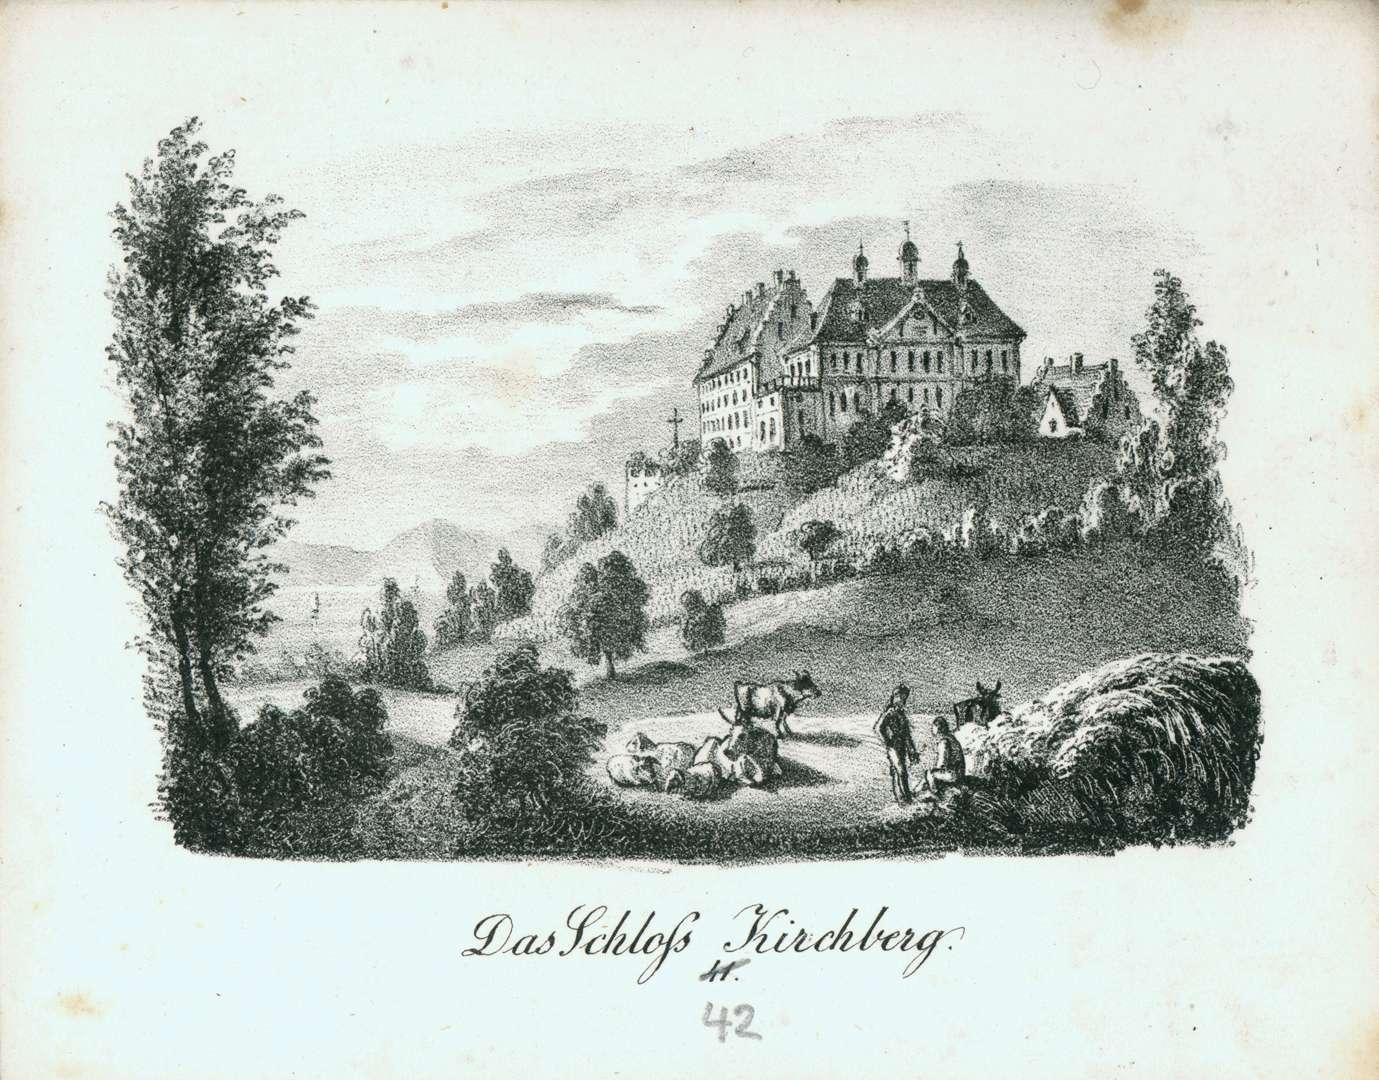 Das Schloss Kirchberg, Bild 1